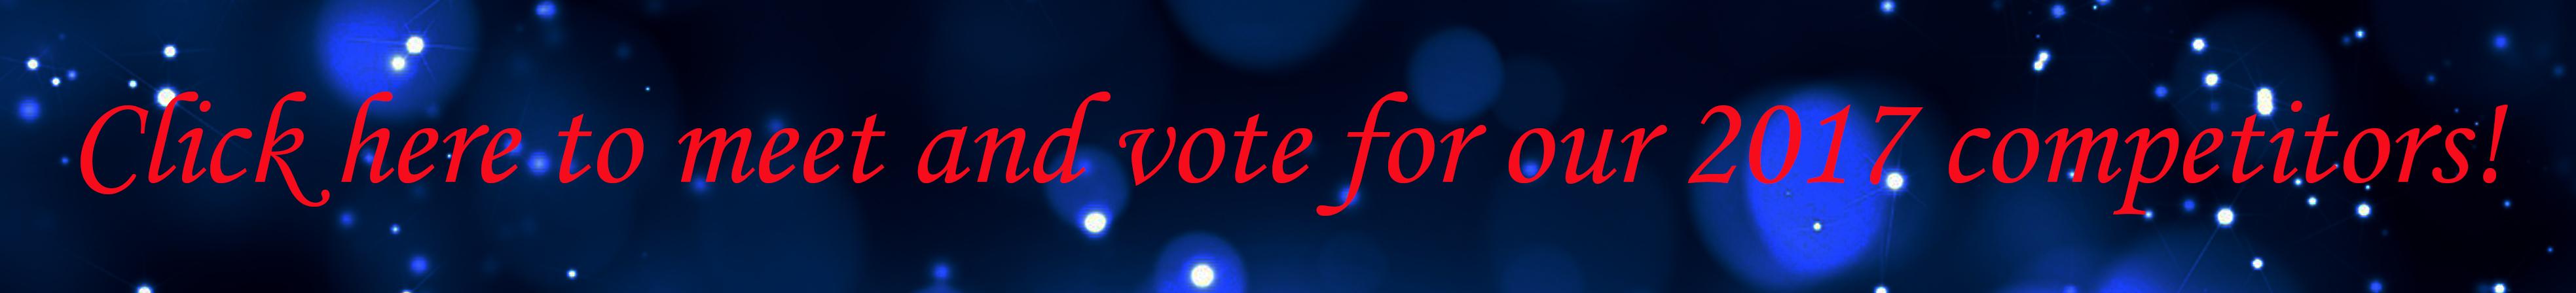 Meet_and_Vote.jpg